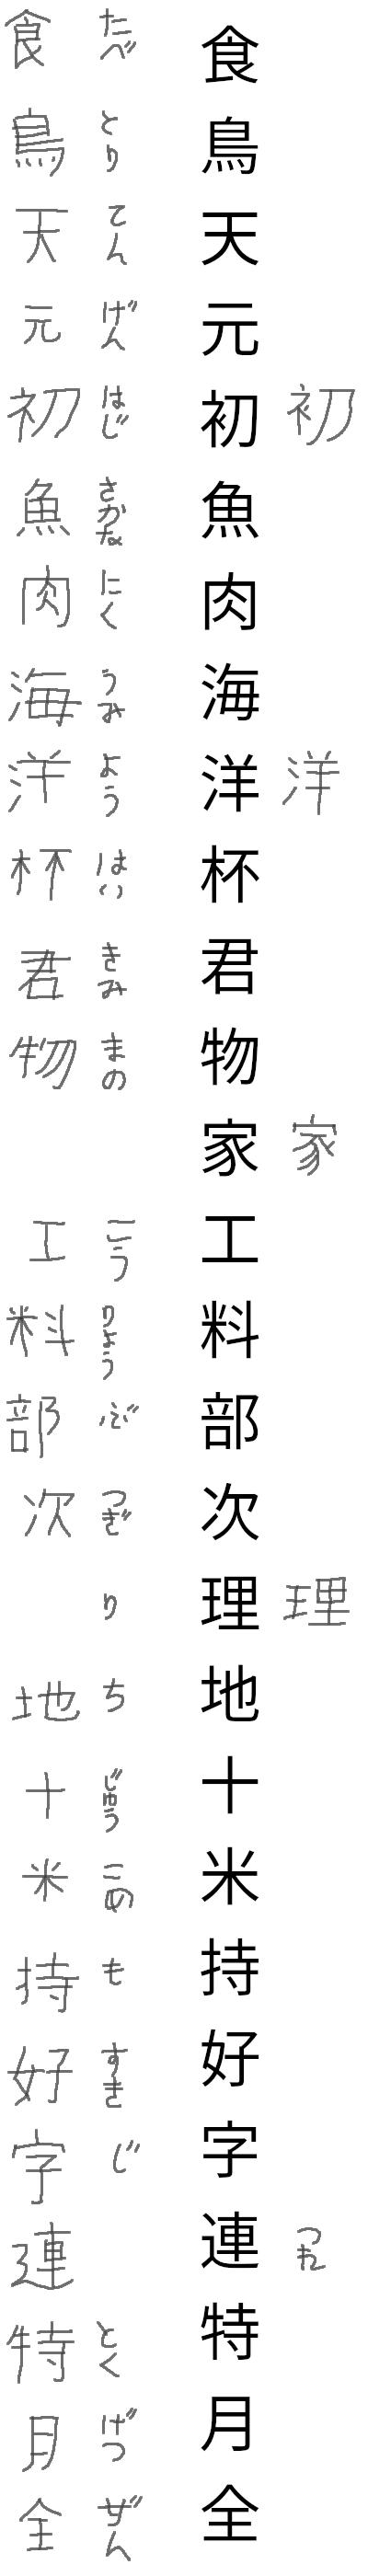 kanji test